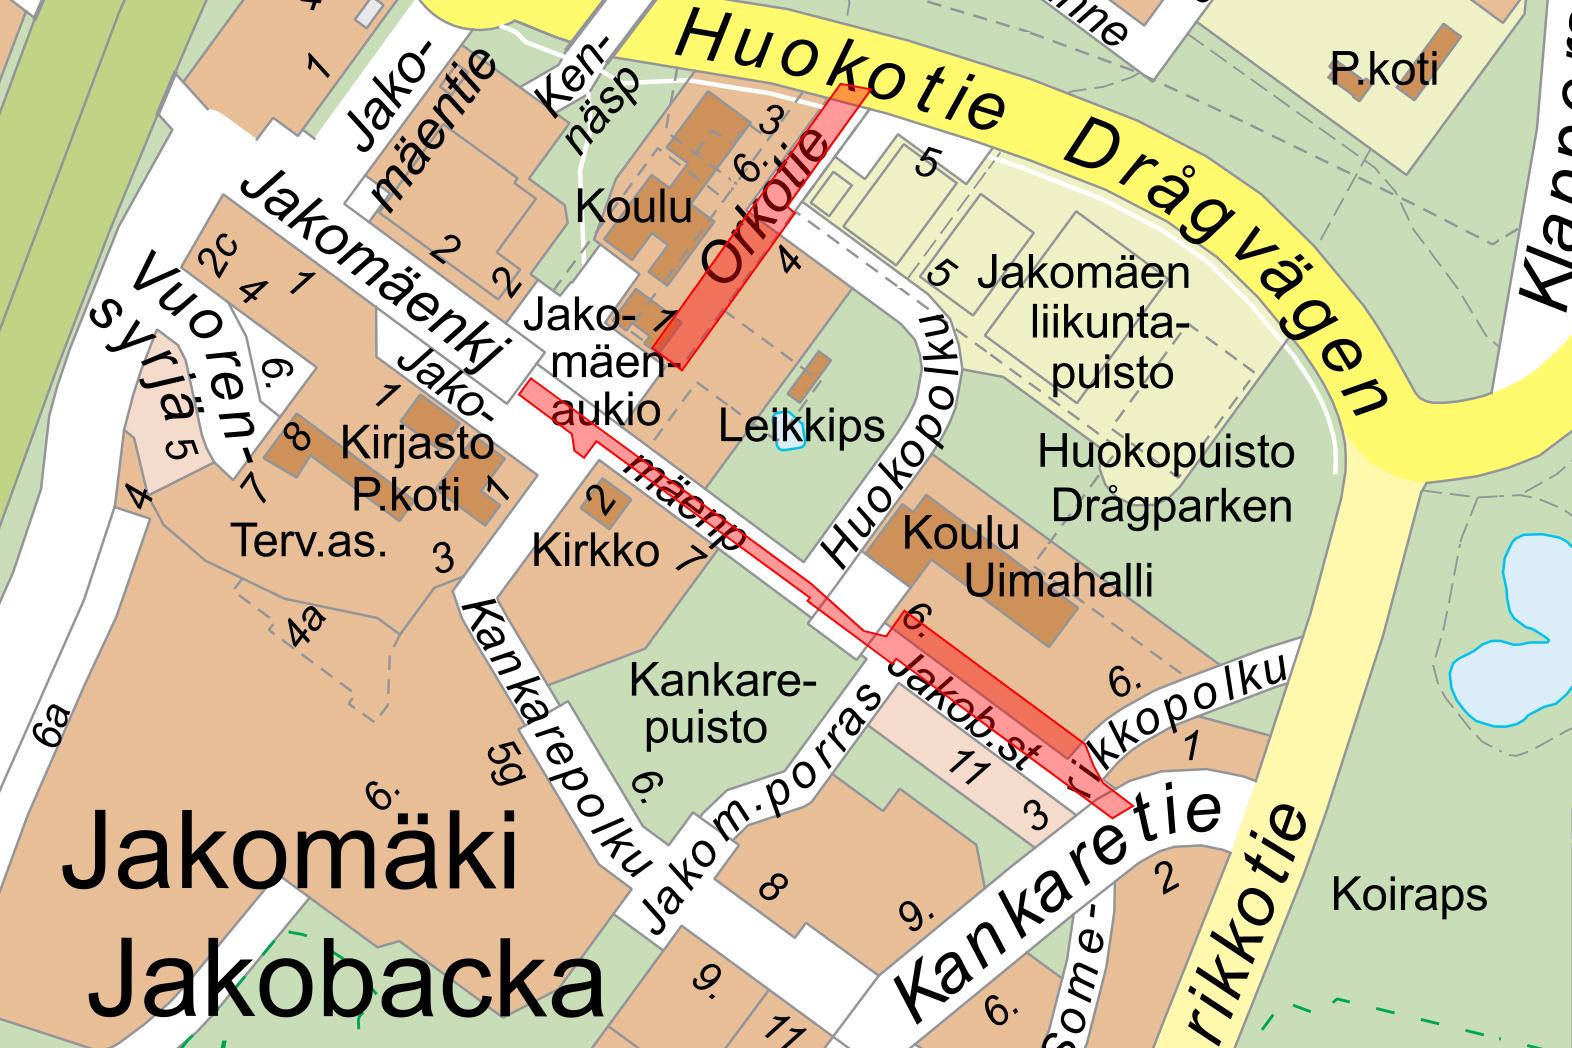 Katutyomaa Haittaa Liikennetta Jakomaen Keskustassa Helsingin